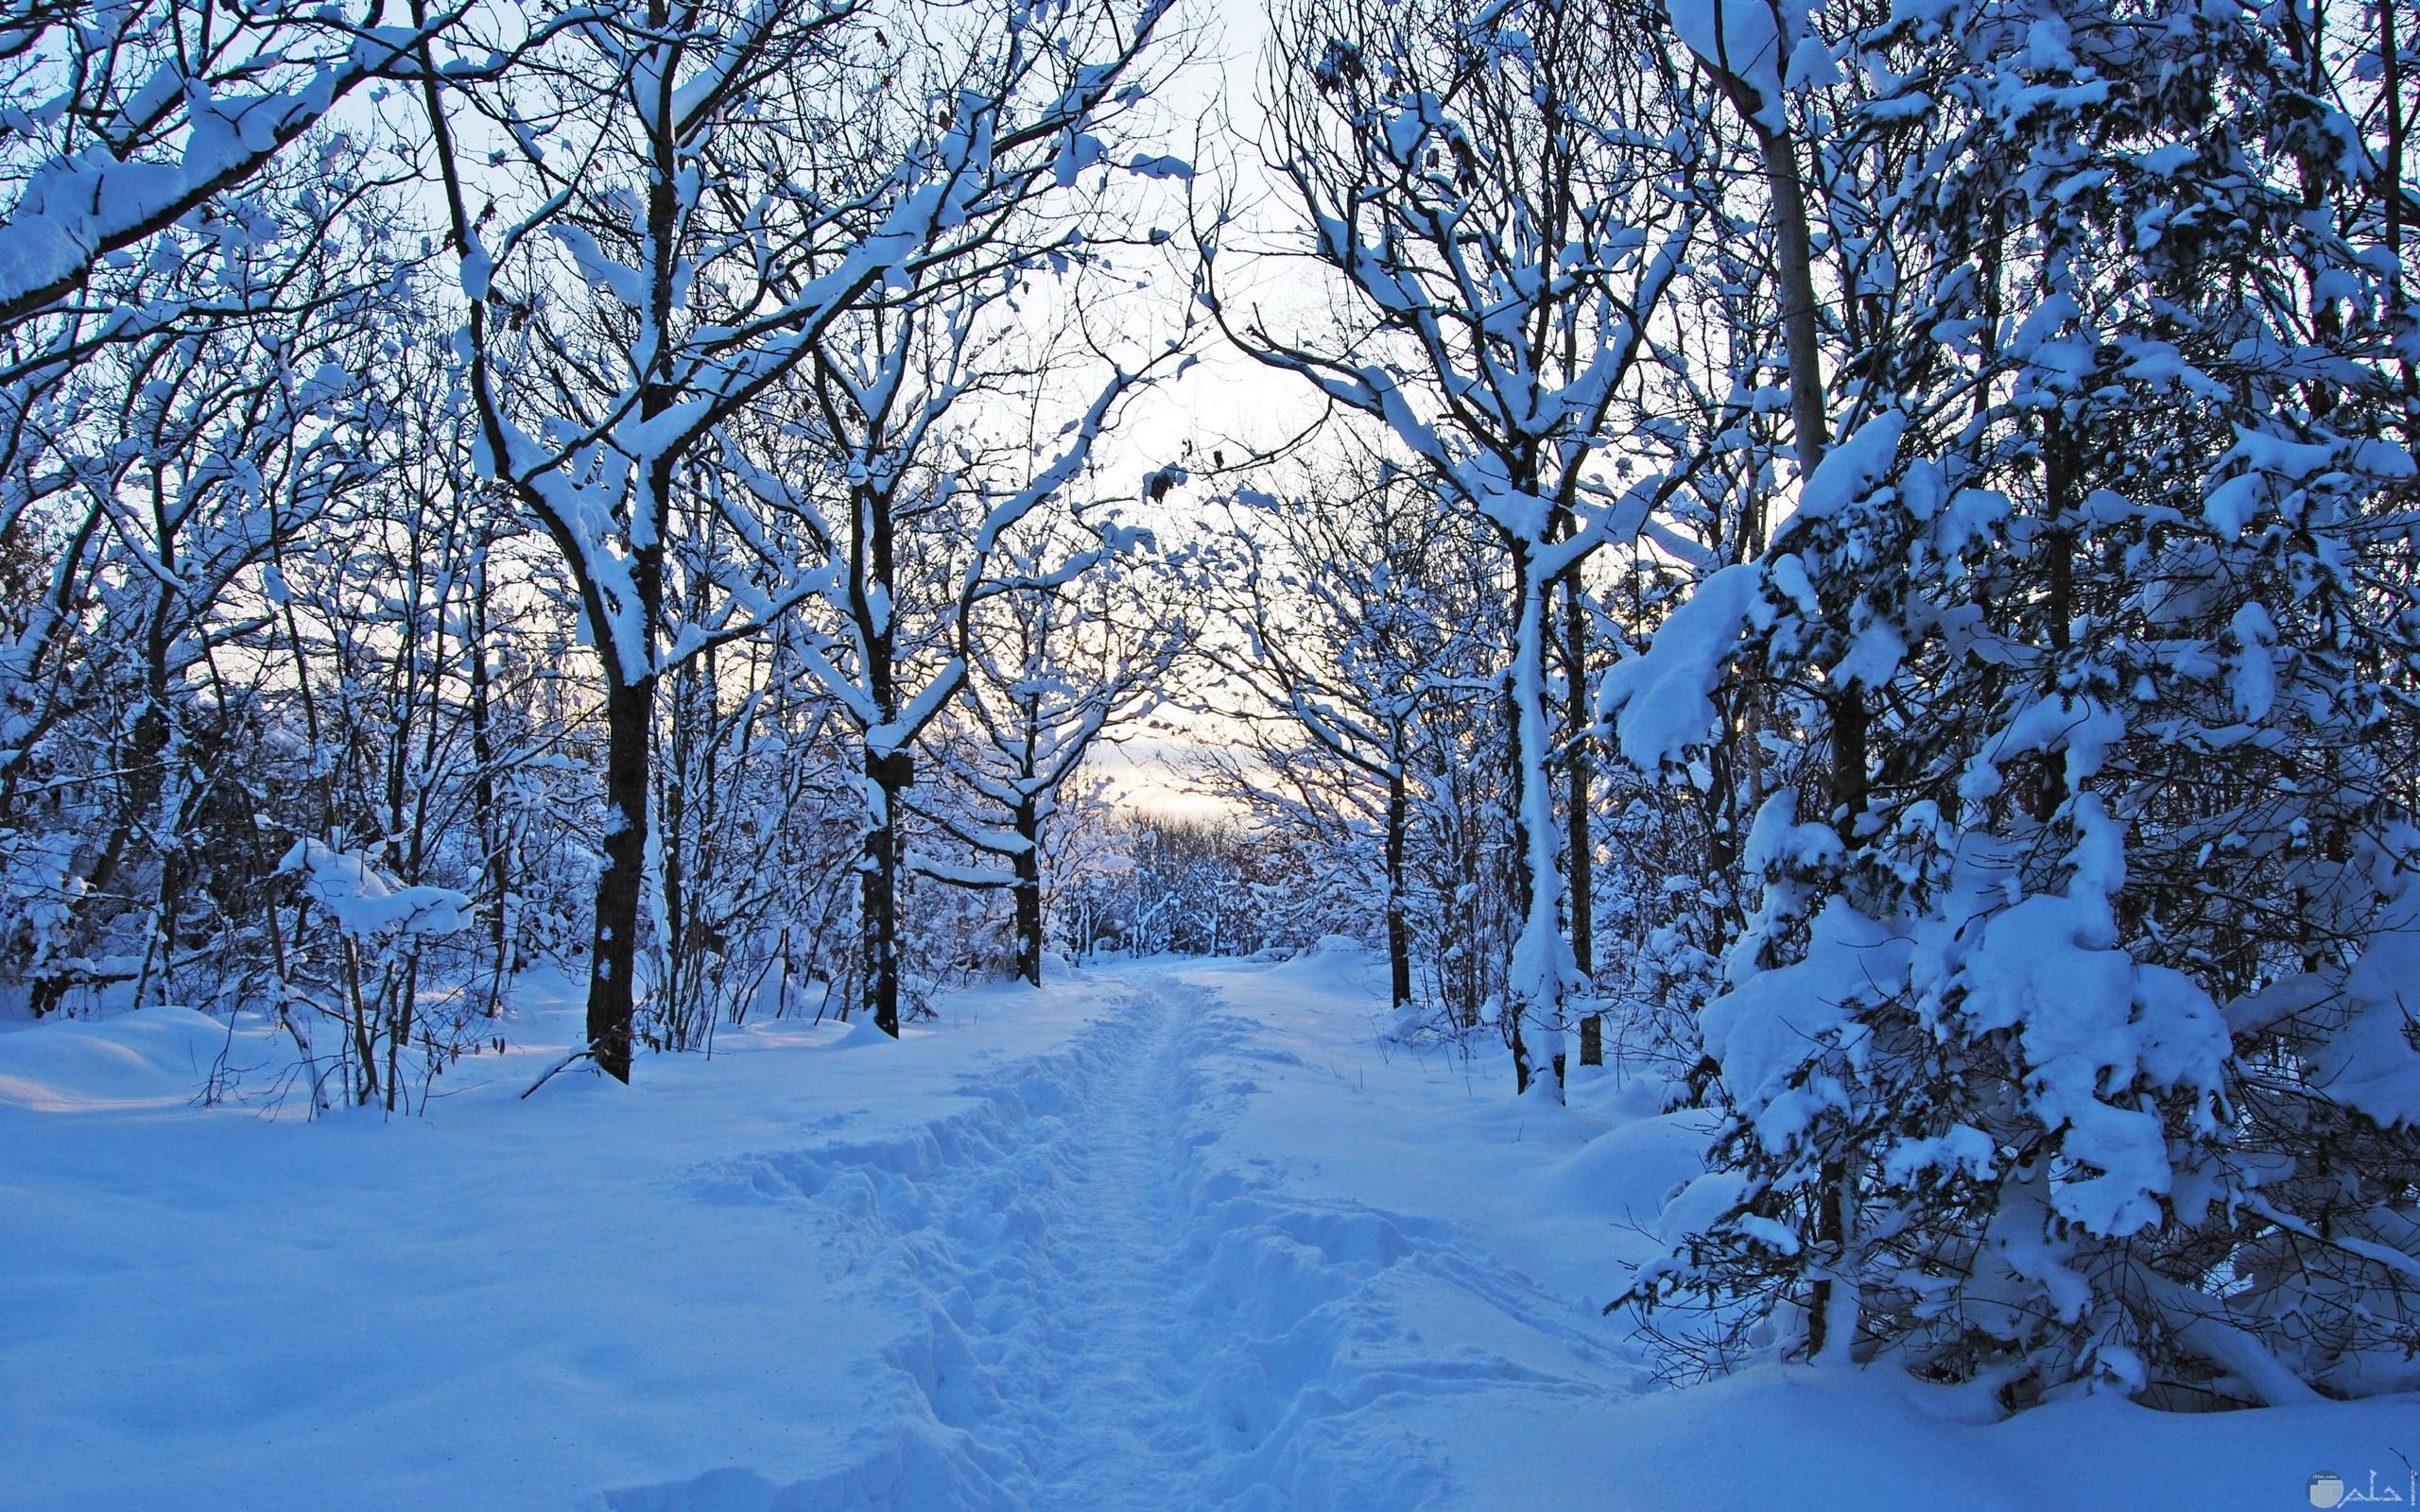 الثلج و سقوطه فوق الأشجار.